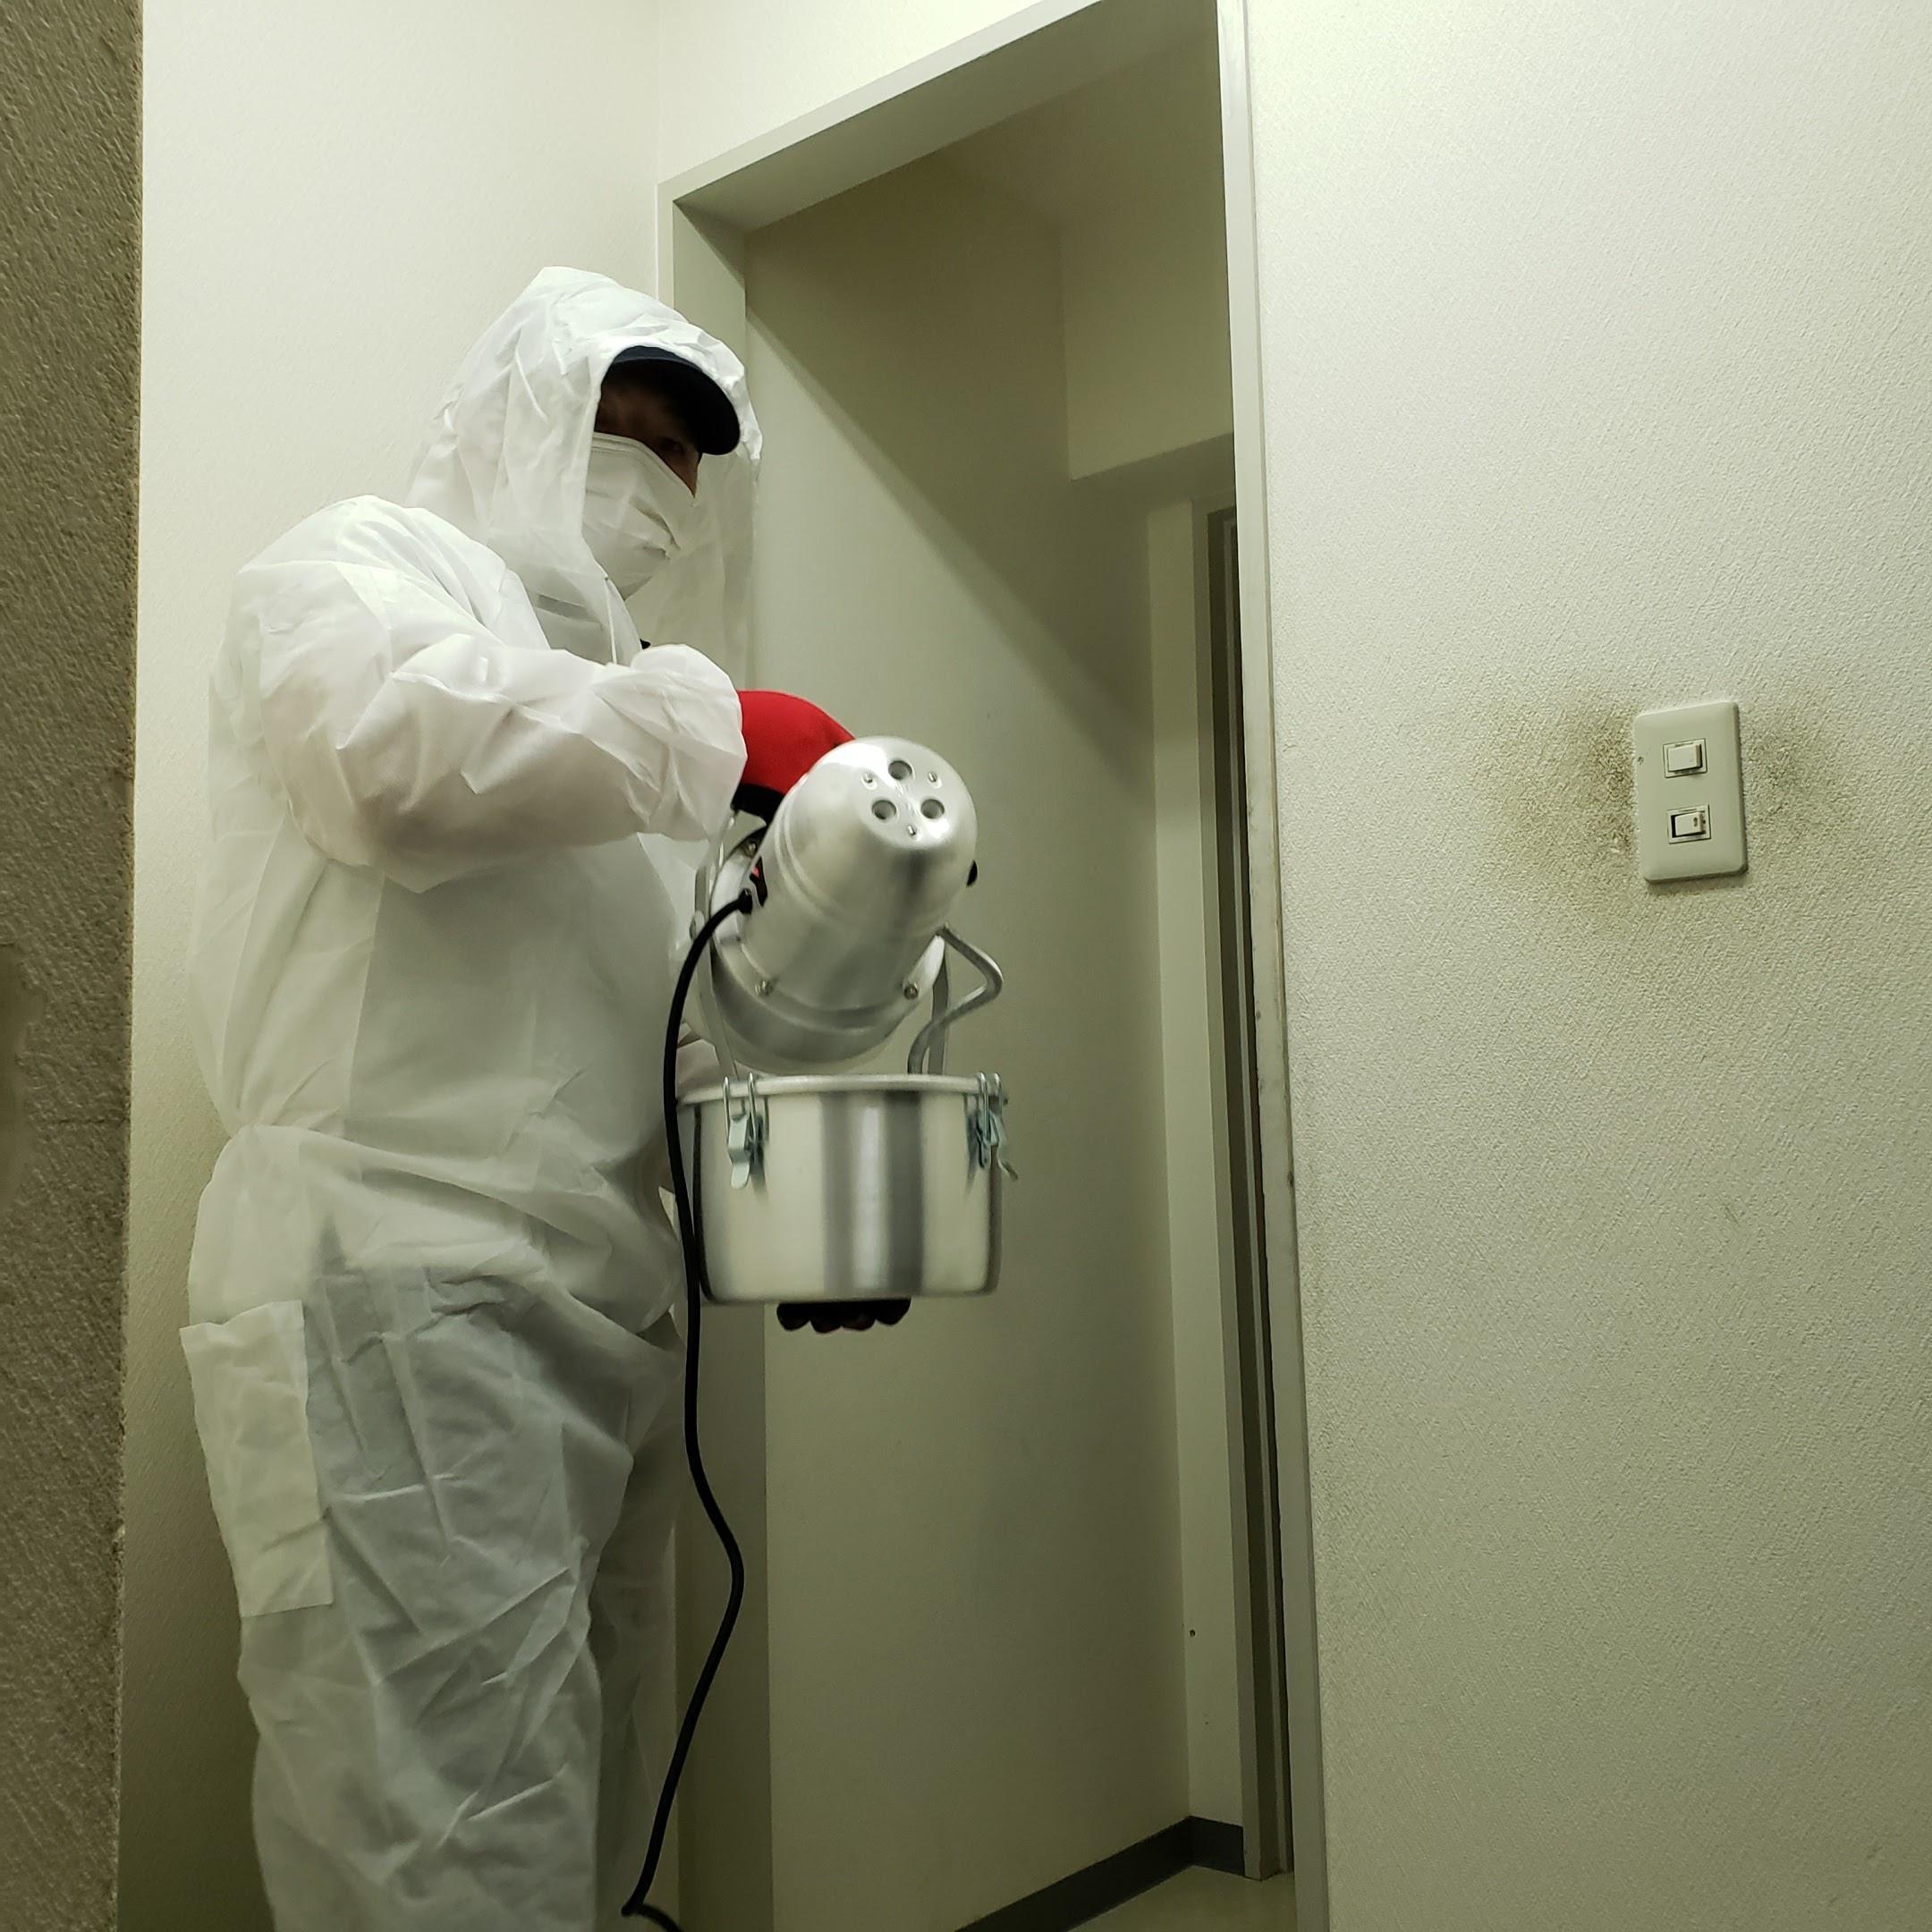 ウィルス除菌・消毒作業